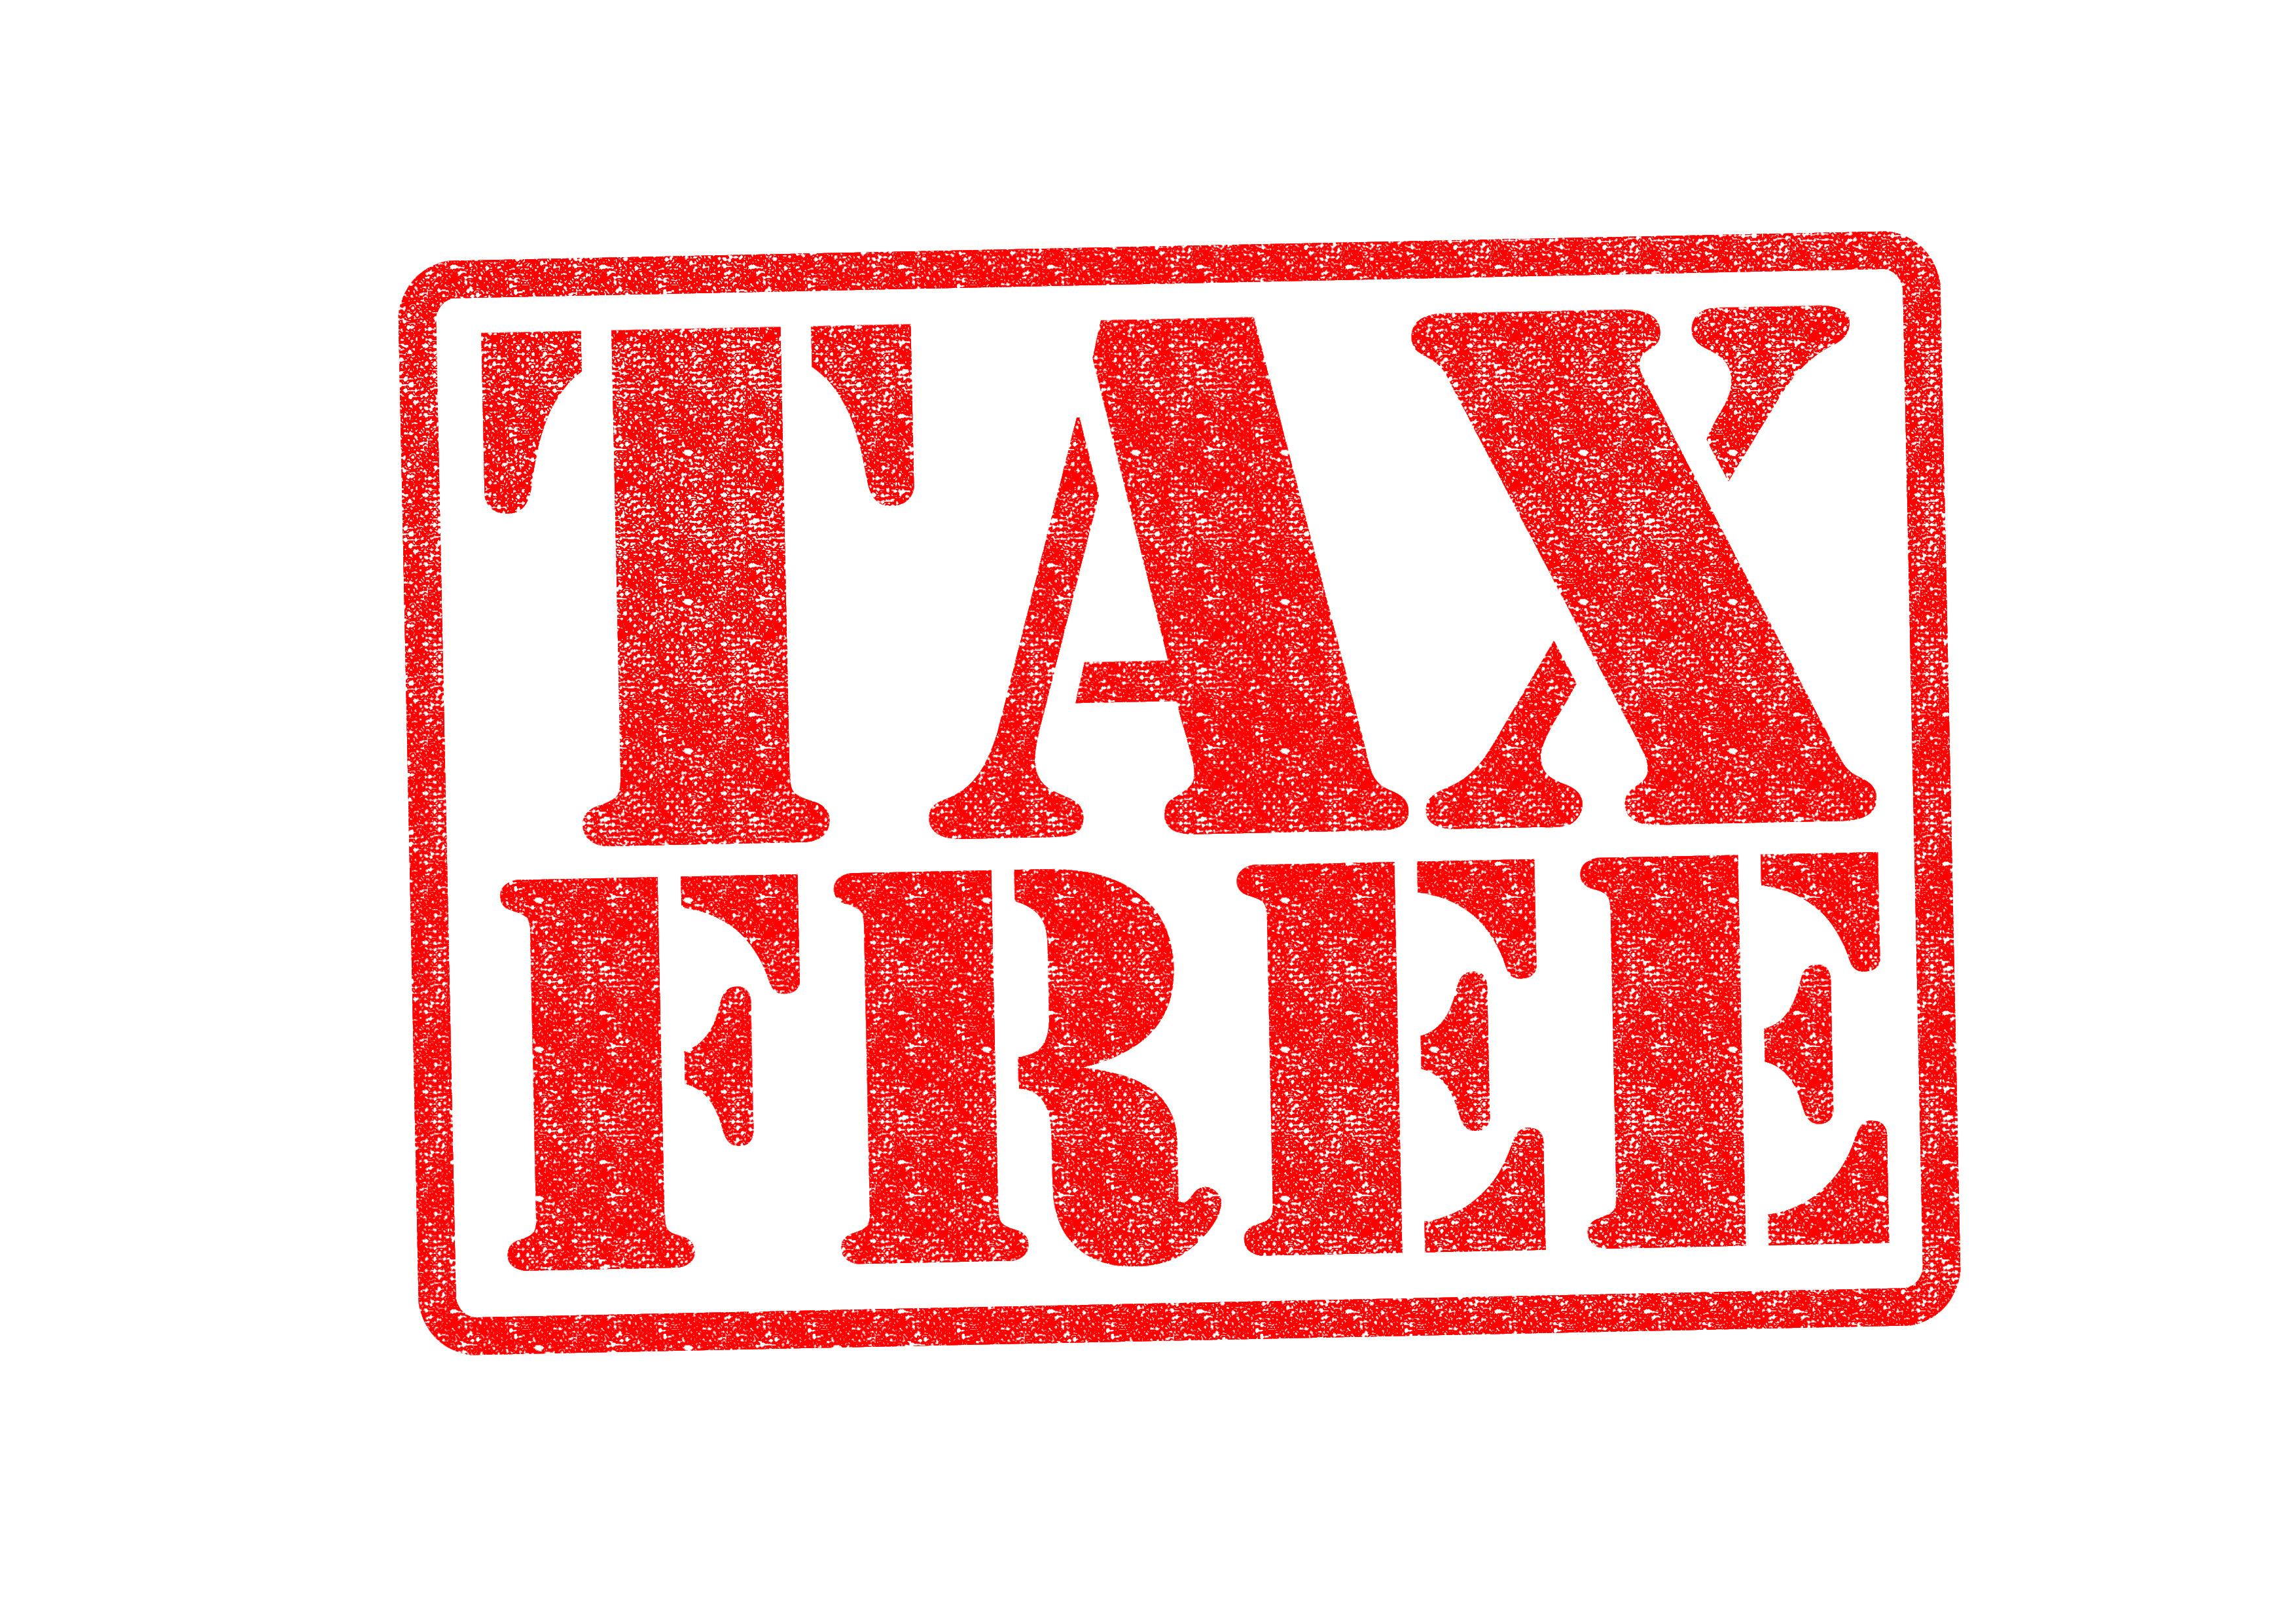 spread betting tax free